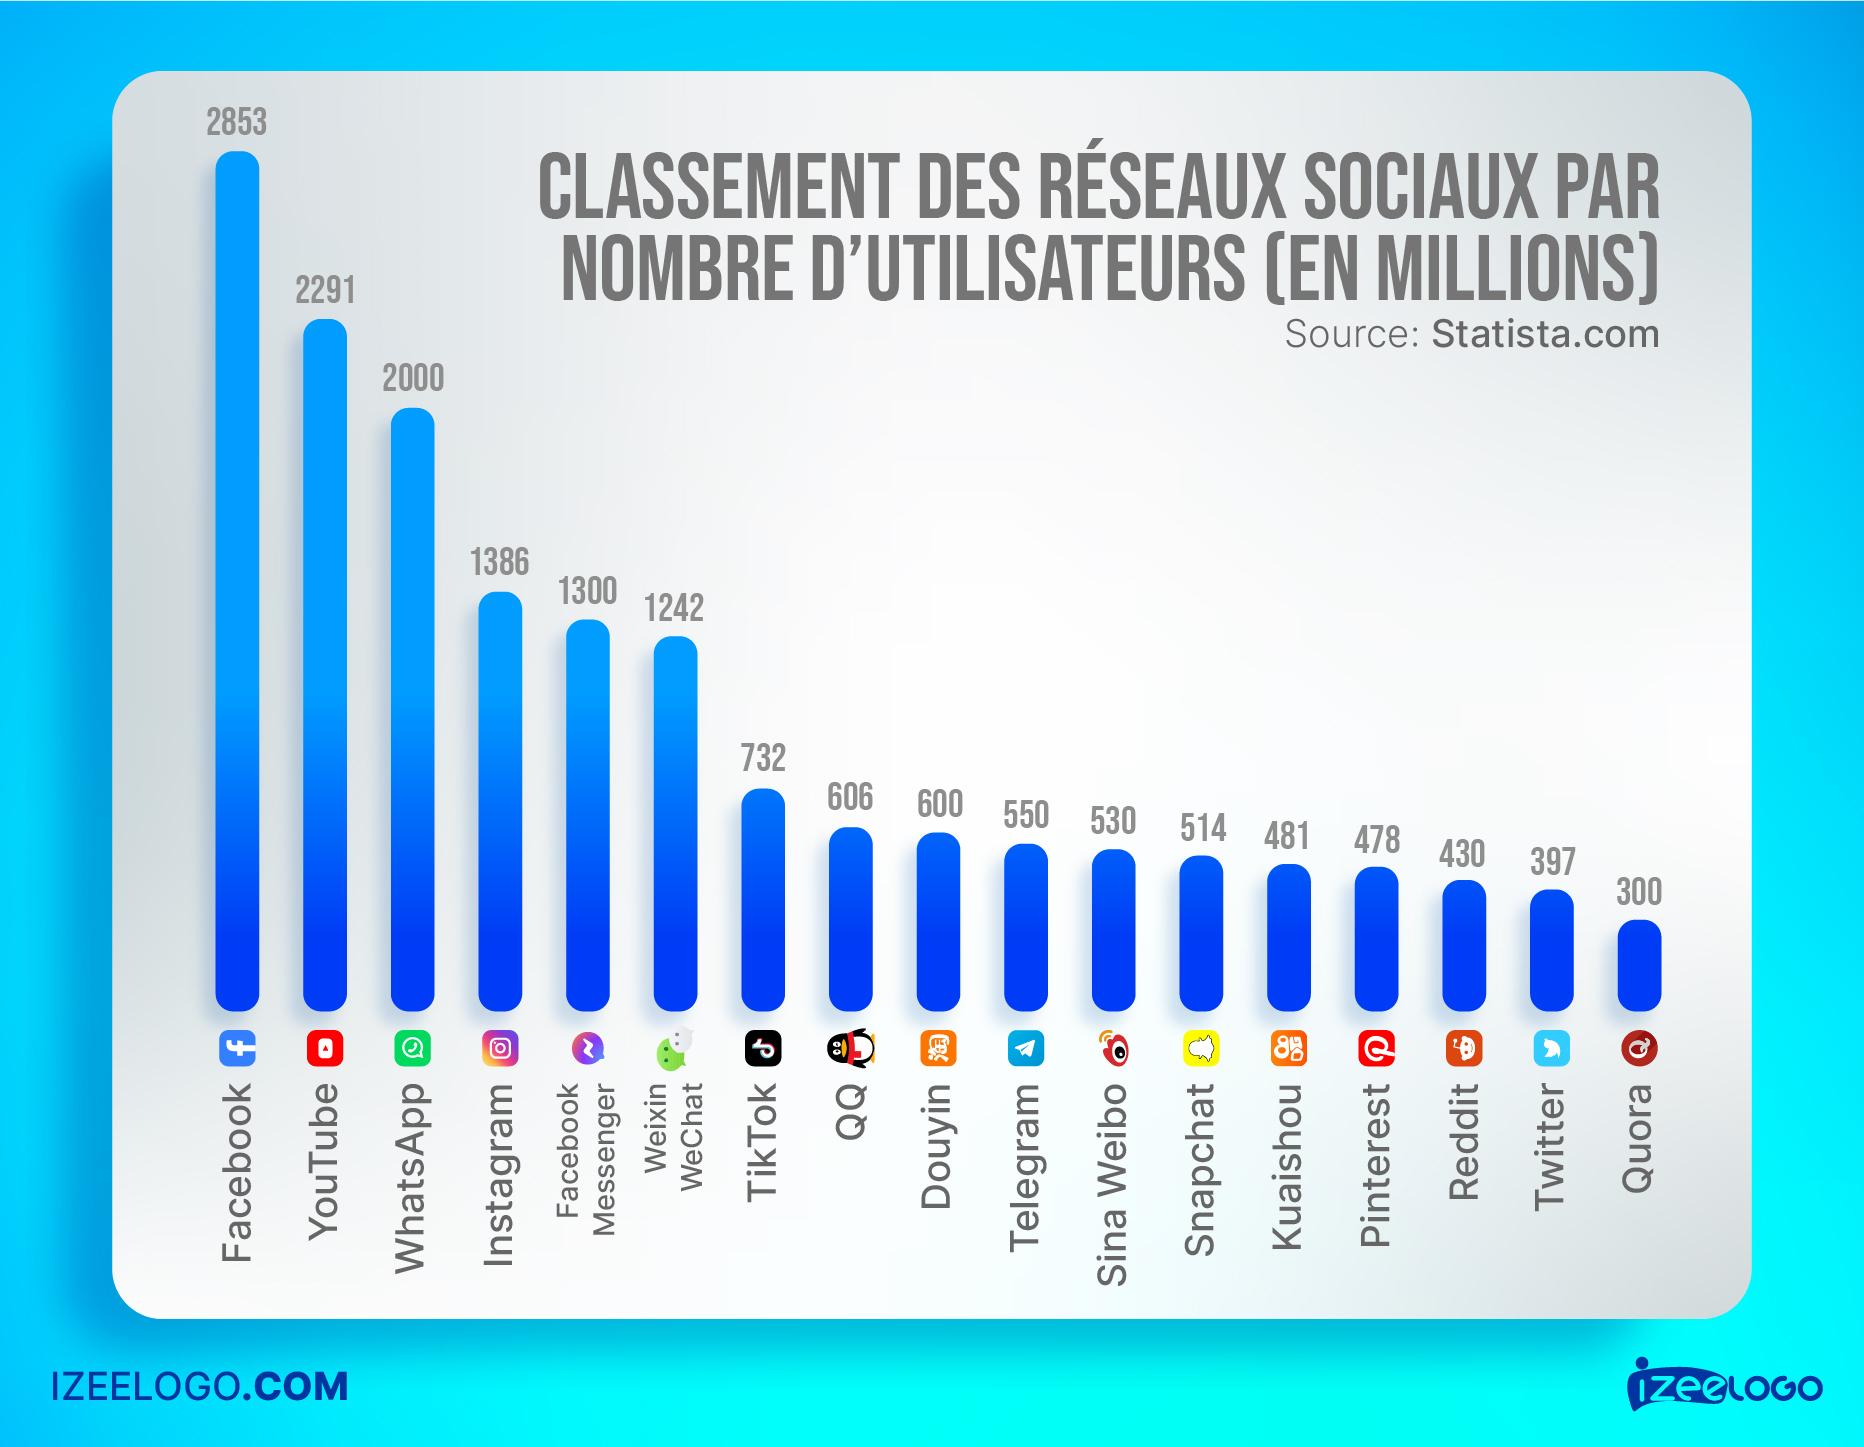 Facebook : Voici le classement des réseaux sociaux par nombre d'utilisateurs en Juillet 2021.